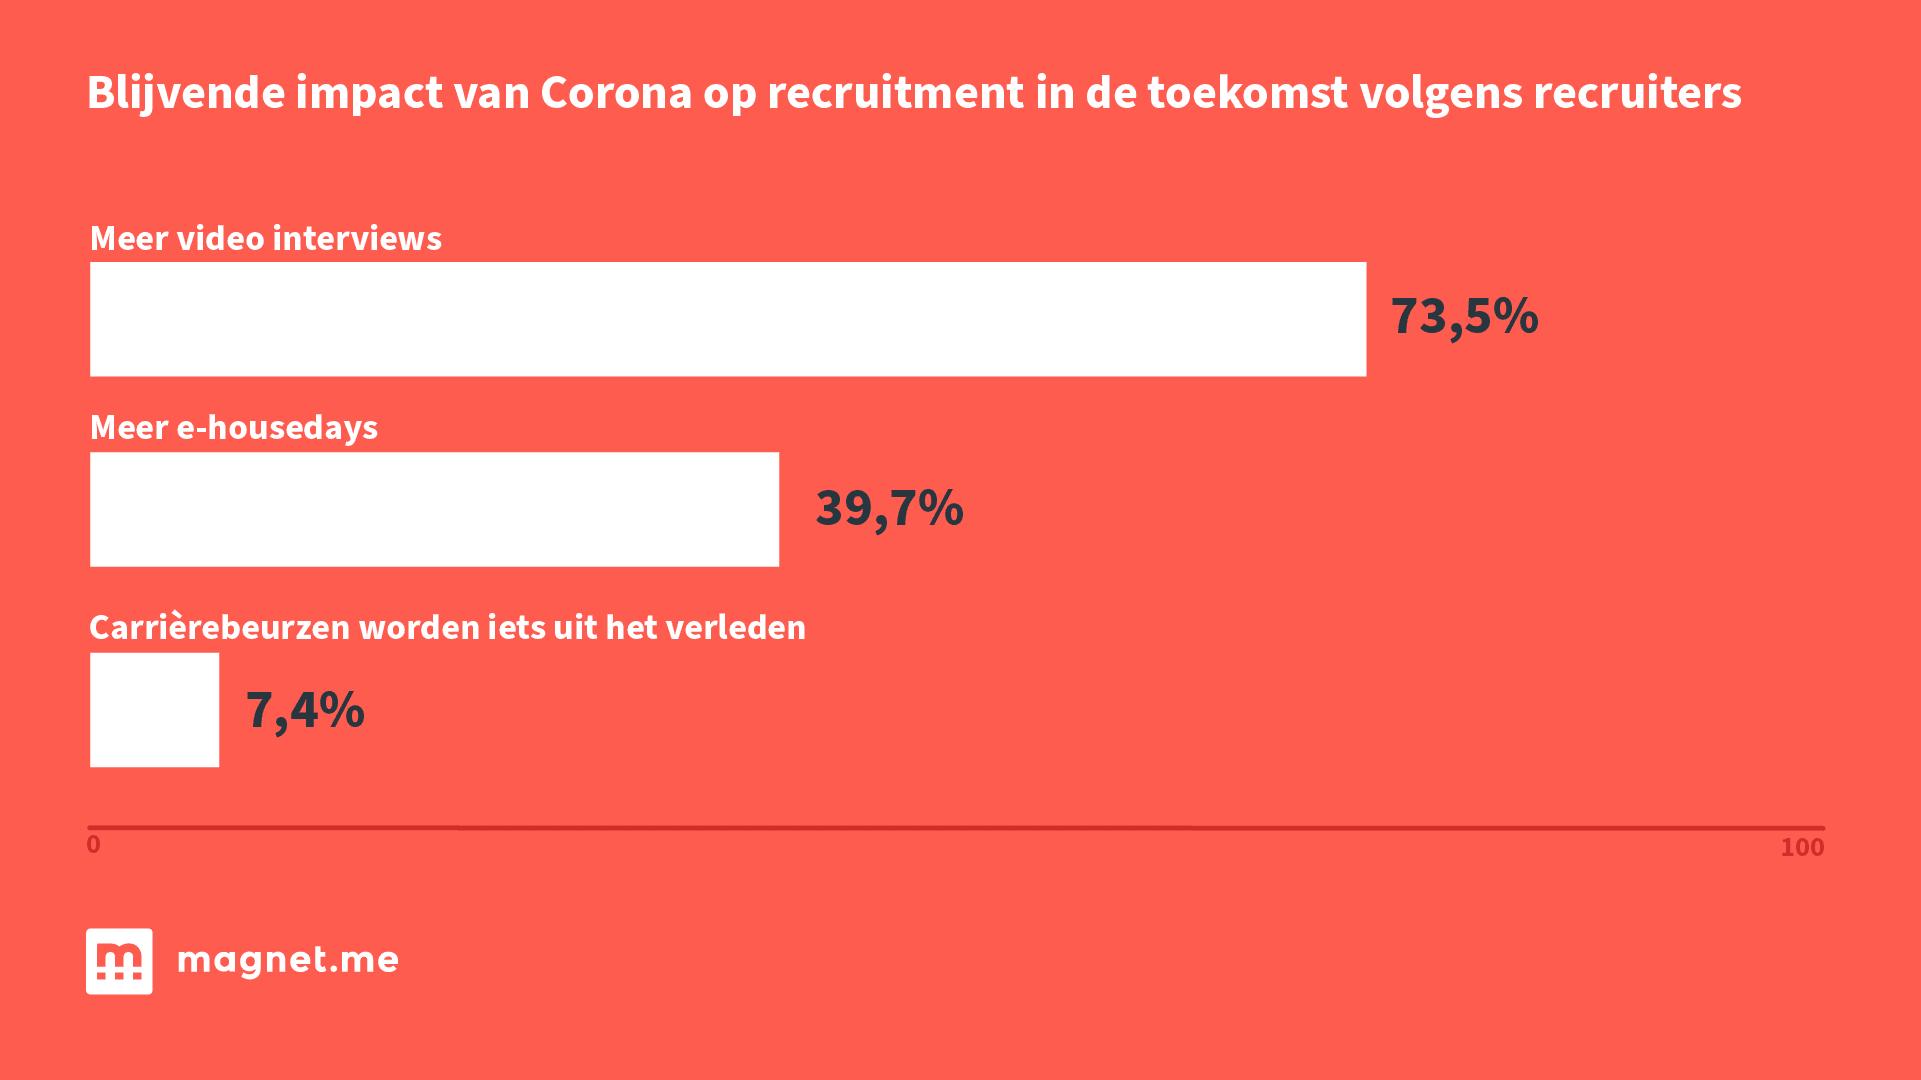 blijvende impact van Corona op recruitment